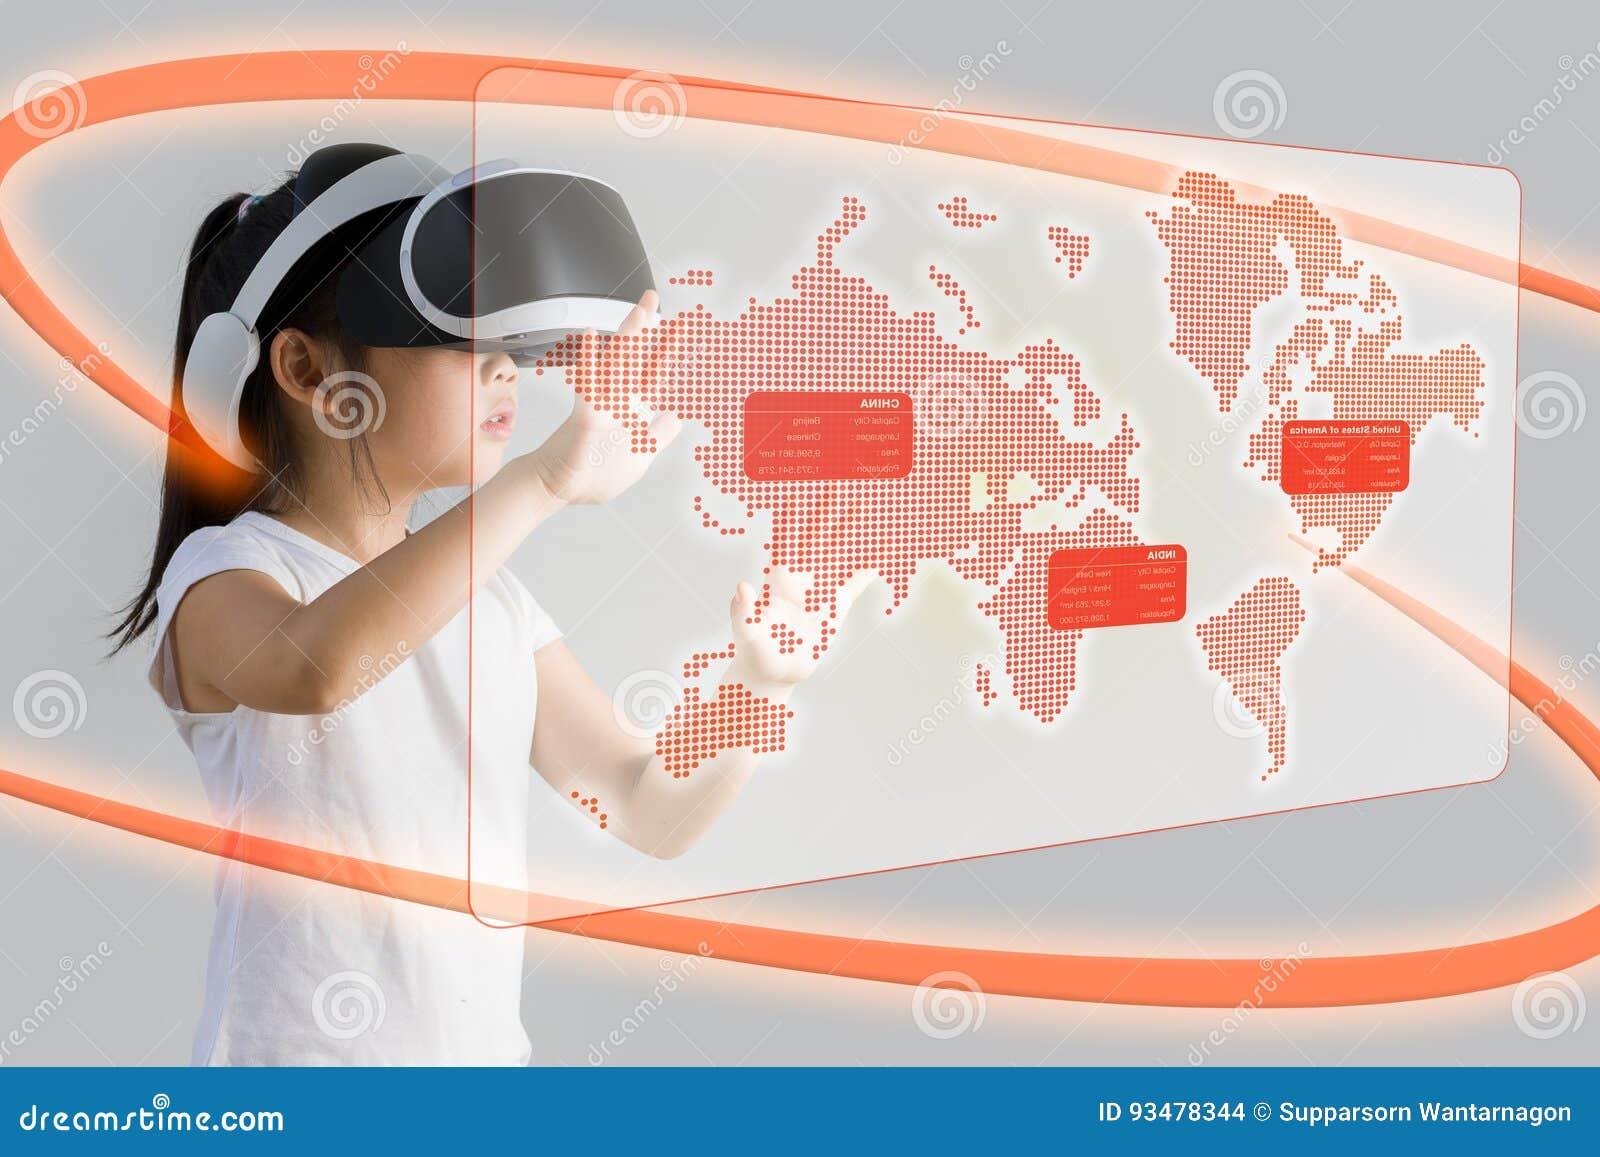 VR eller virtuell verklighet för utbildningsbegreppet som illustreras av asiatet